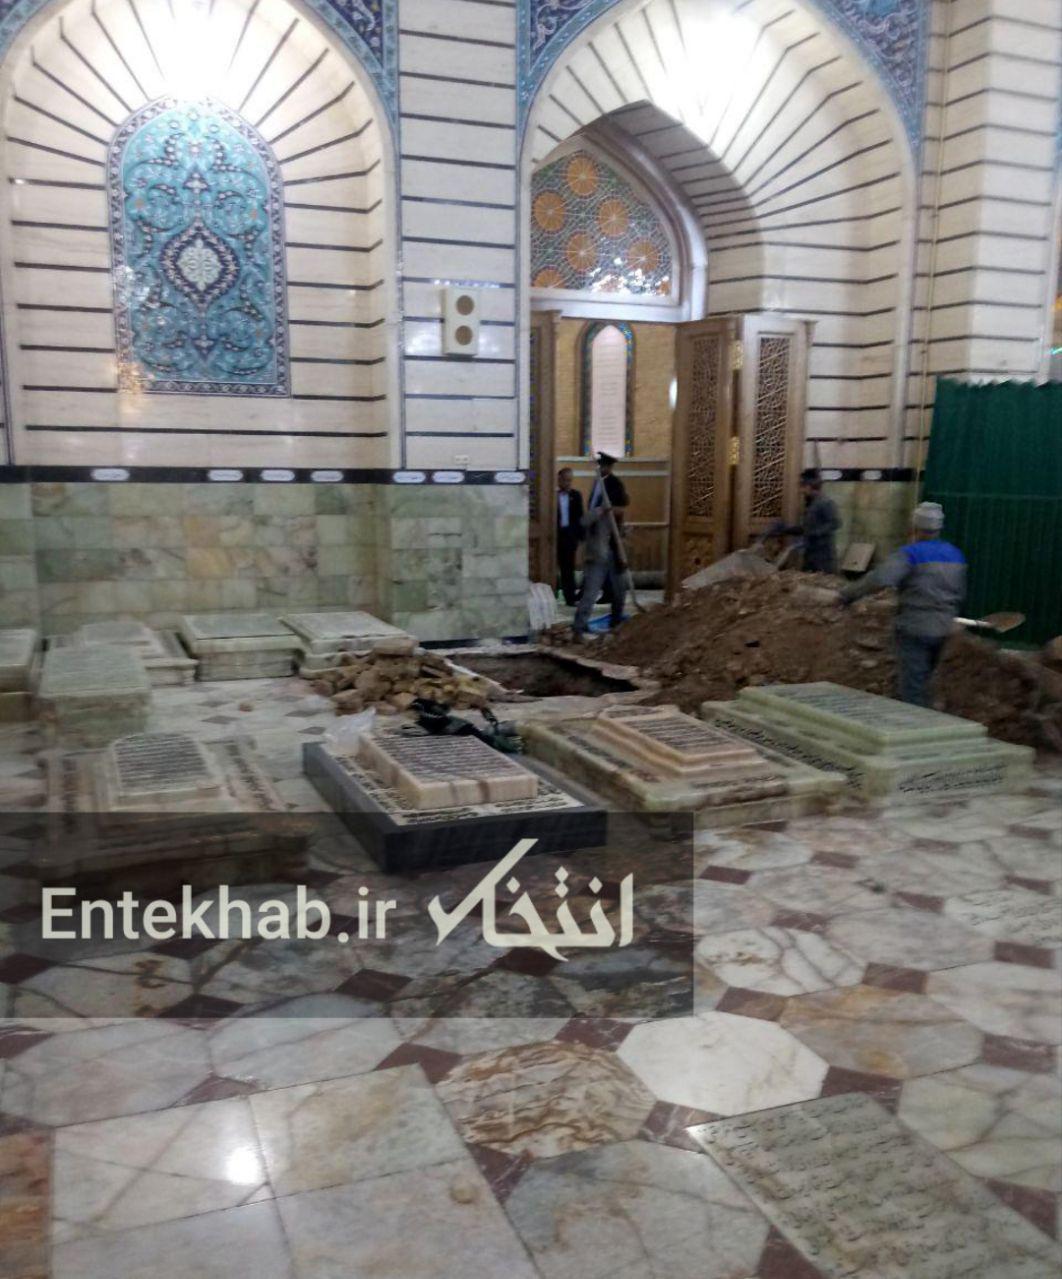 تصویری از محل دفن آیتالله هاشمی شاهرودی در حرم حضرت معصومه (س) - 1